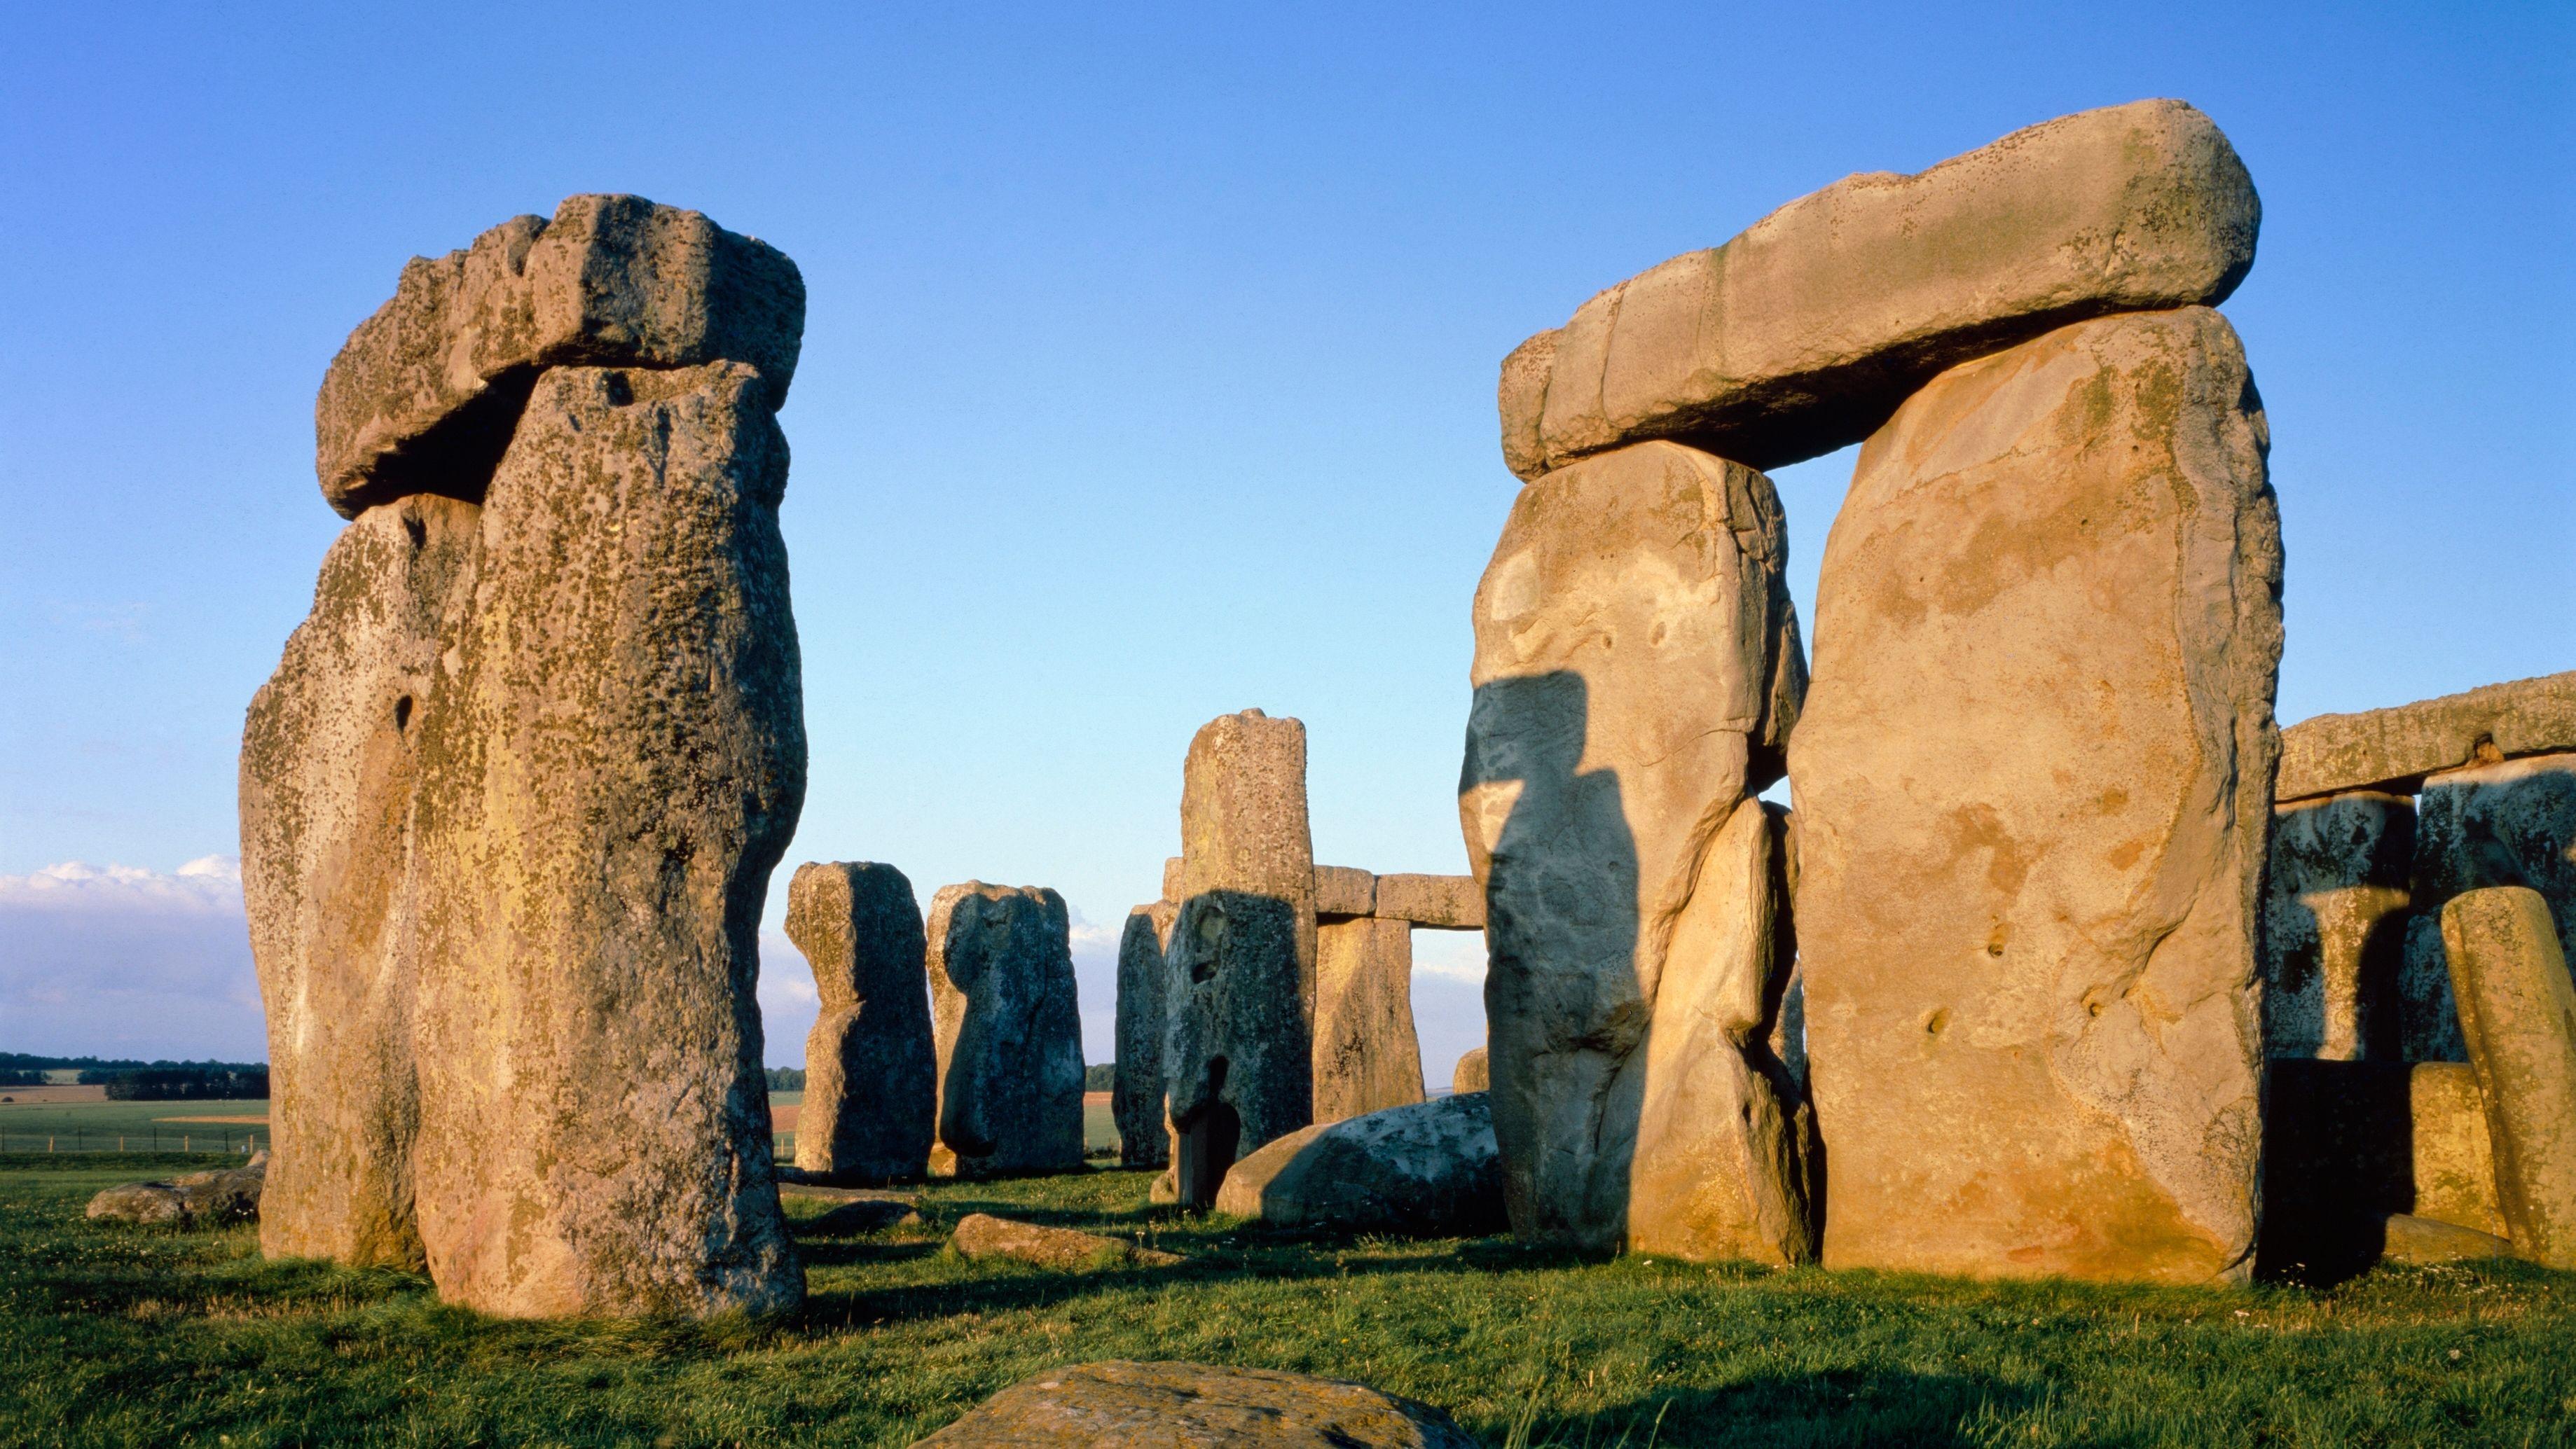 Close up image of Stonehenge